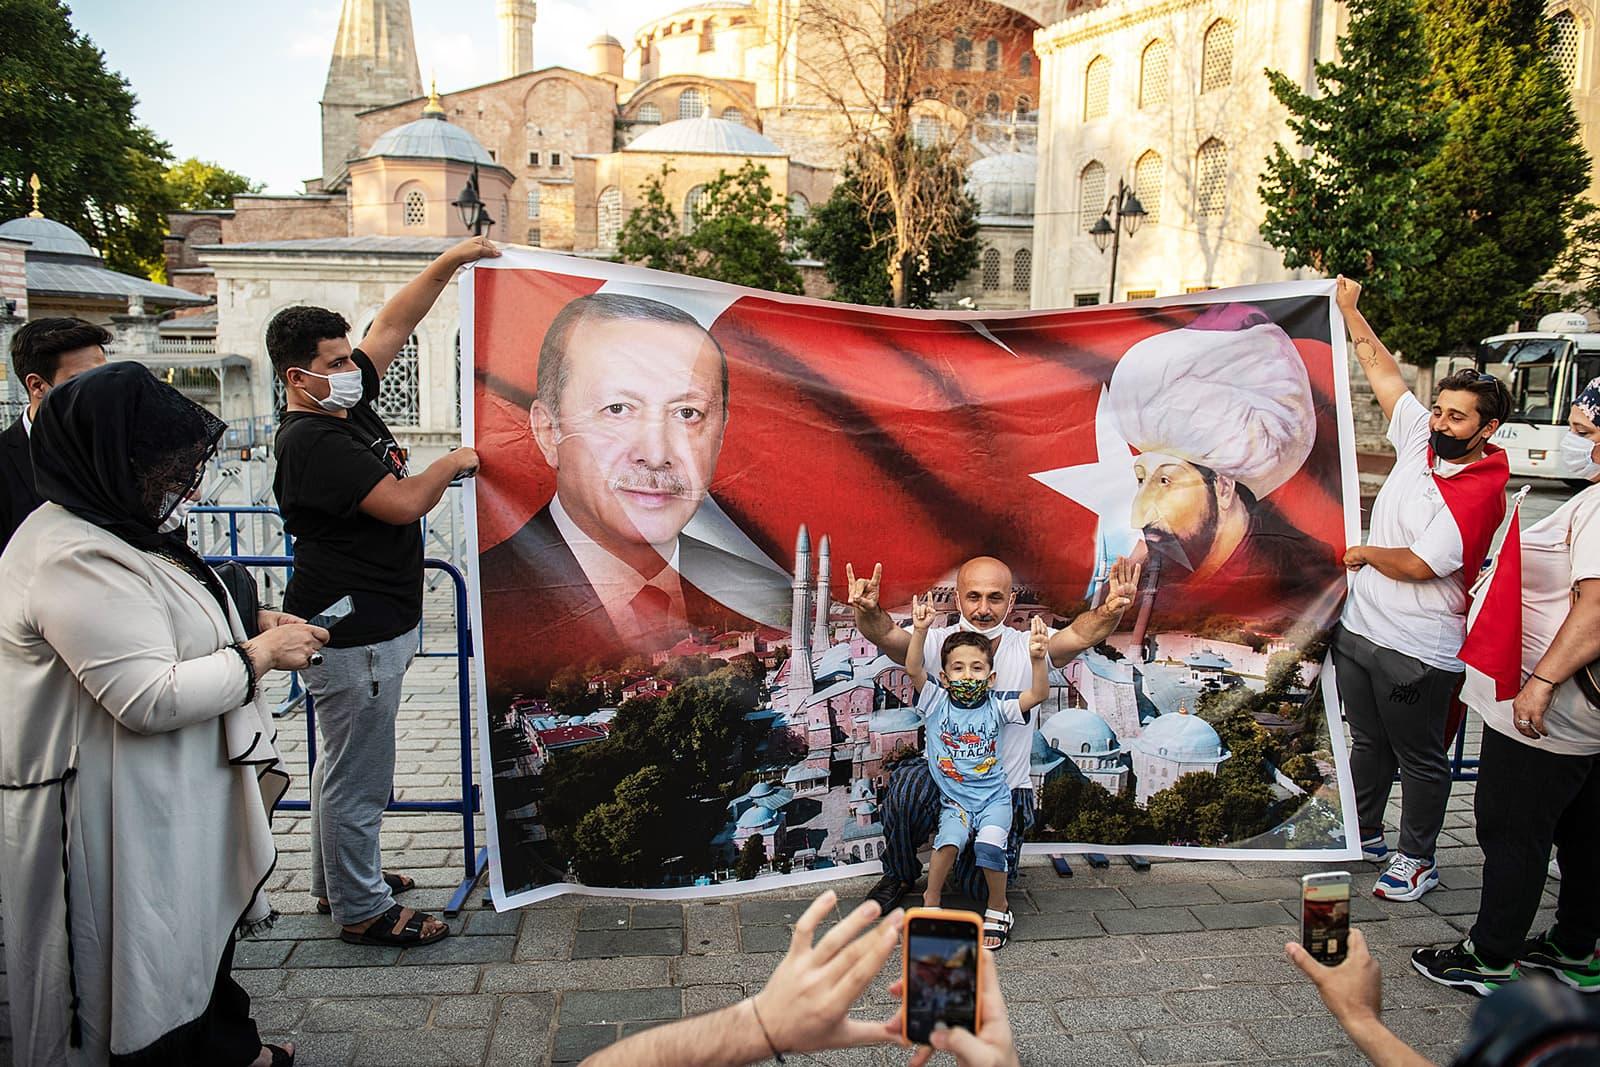 Seguidors d'Erdogan davant la mesquita de Santa Sofia a Istanbul el 10 de juliol. Fotografia de Burak Kala. Getty Images.